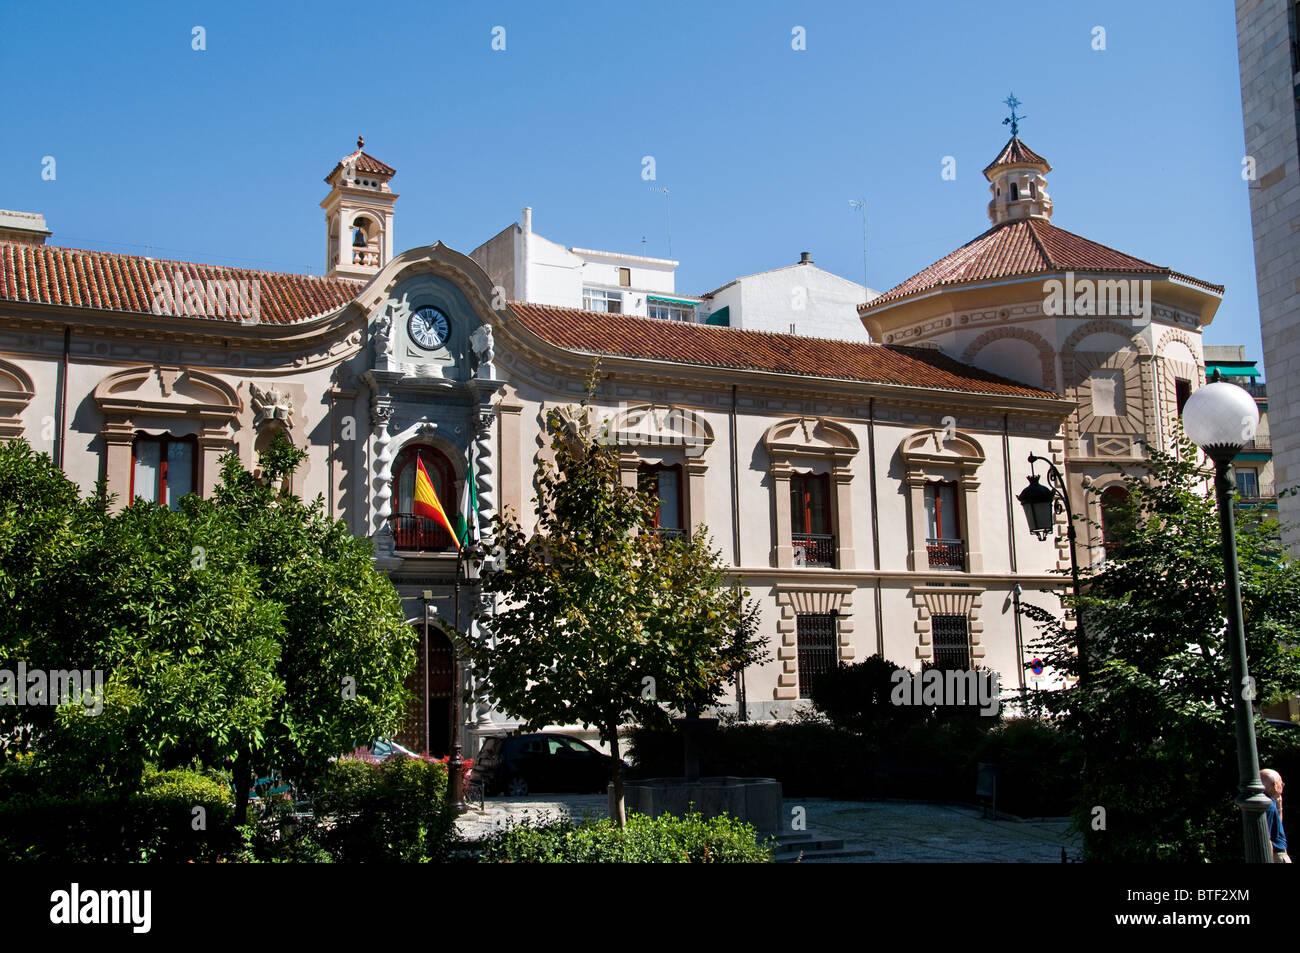 Granada Spain  Consejo consultivo de andalusia Andalusia Advisory Council - Stock Image